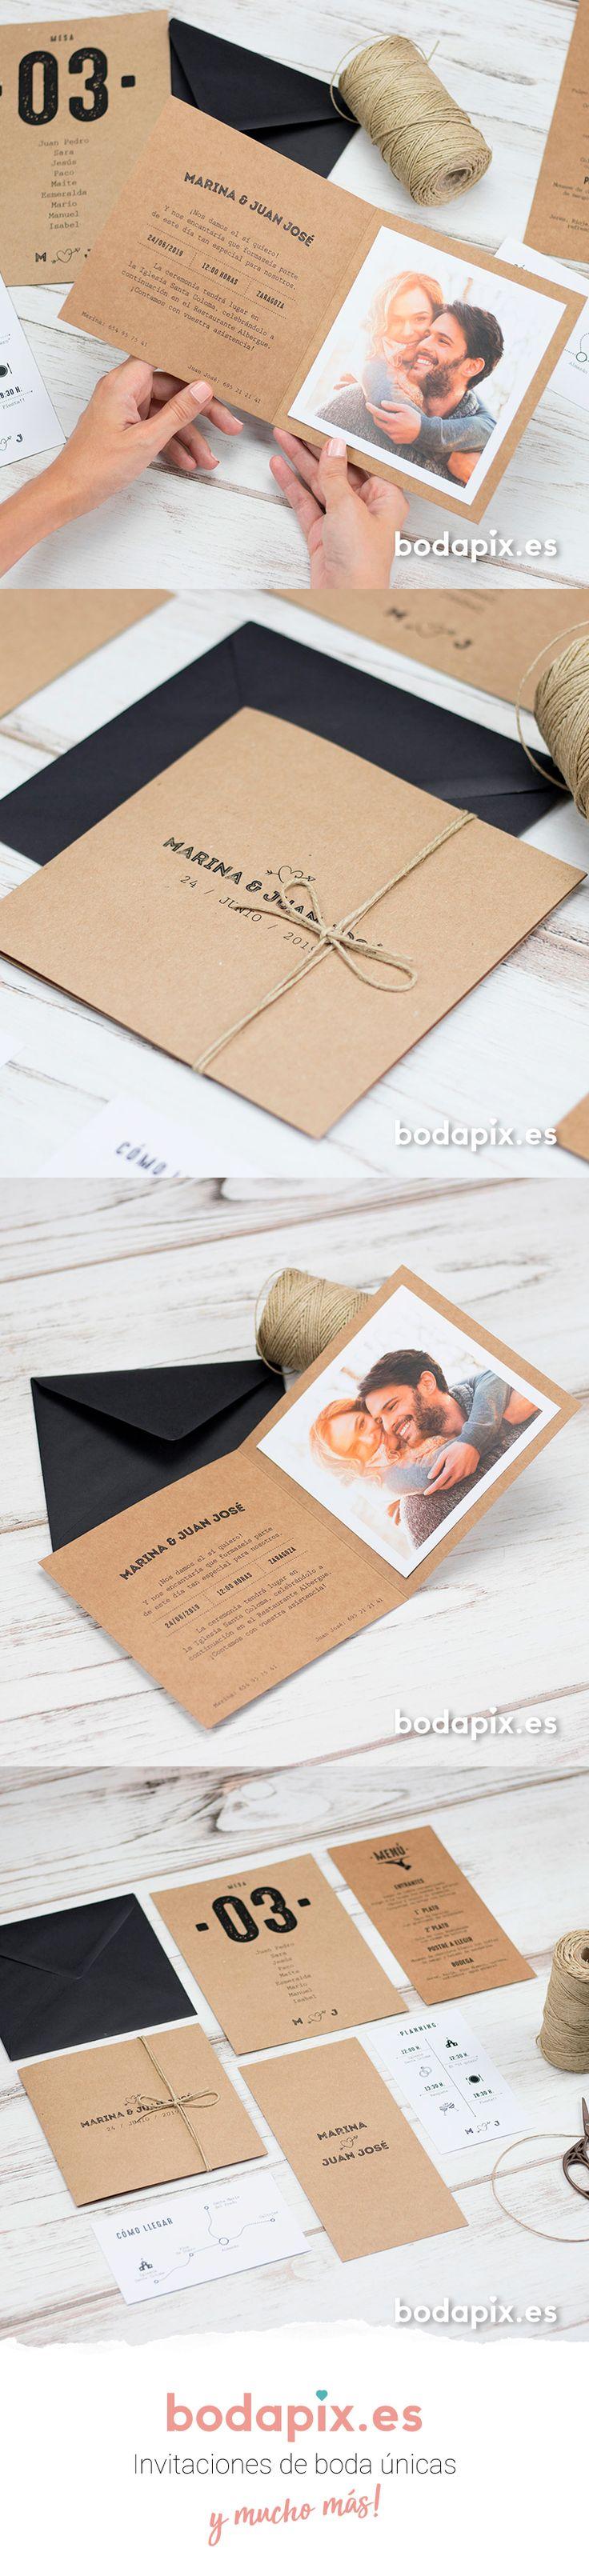 Invitación de boda con foto ideal para bodas rústicas – Modelo One Love – Colección Bodapix #bodapix #bodas #invitaciones #wedding #weddinginvitations #cards #kraft